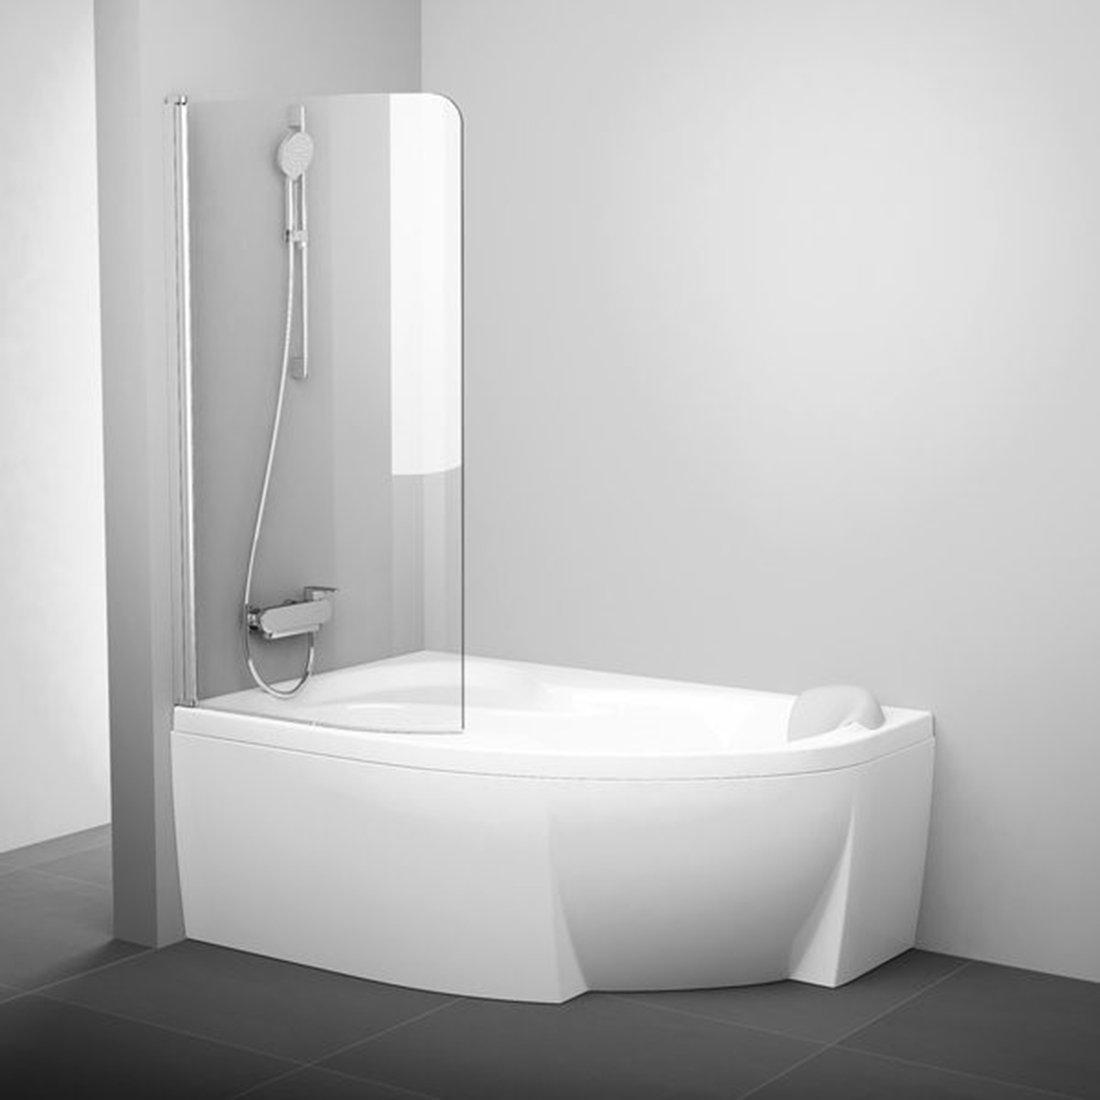 badewanne rosa 95  ravak gesellschaft für sanitärprodukte mbh